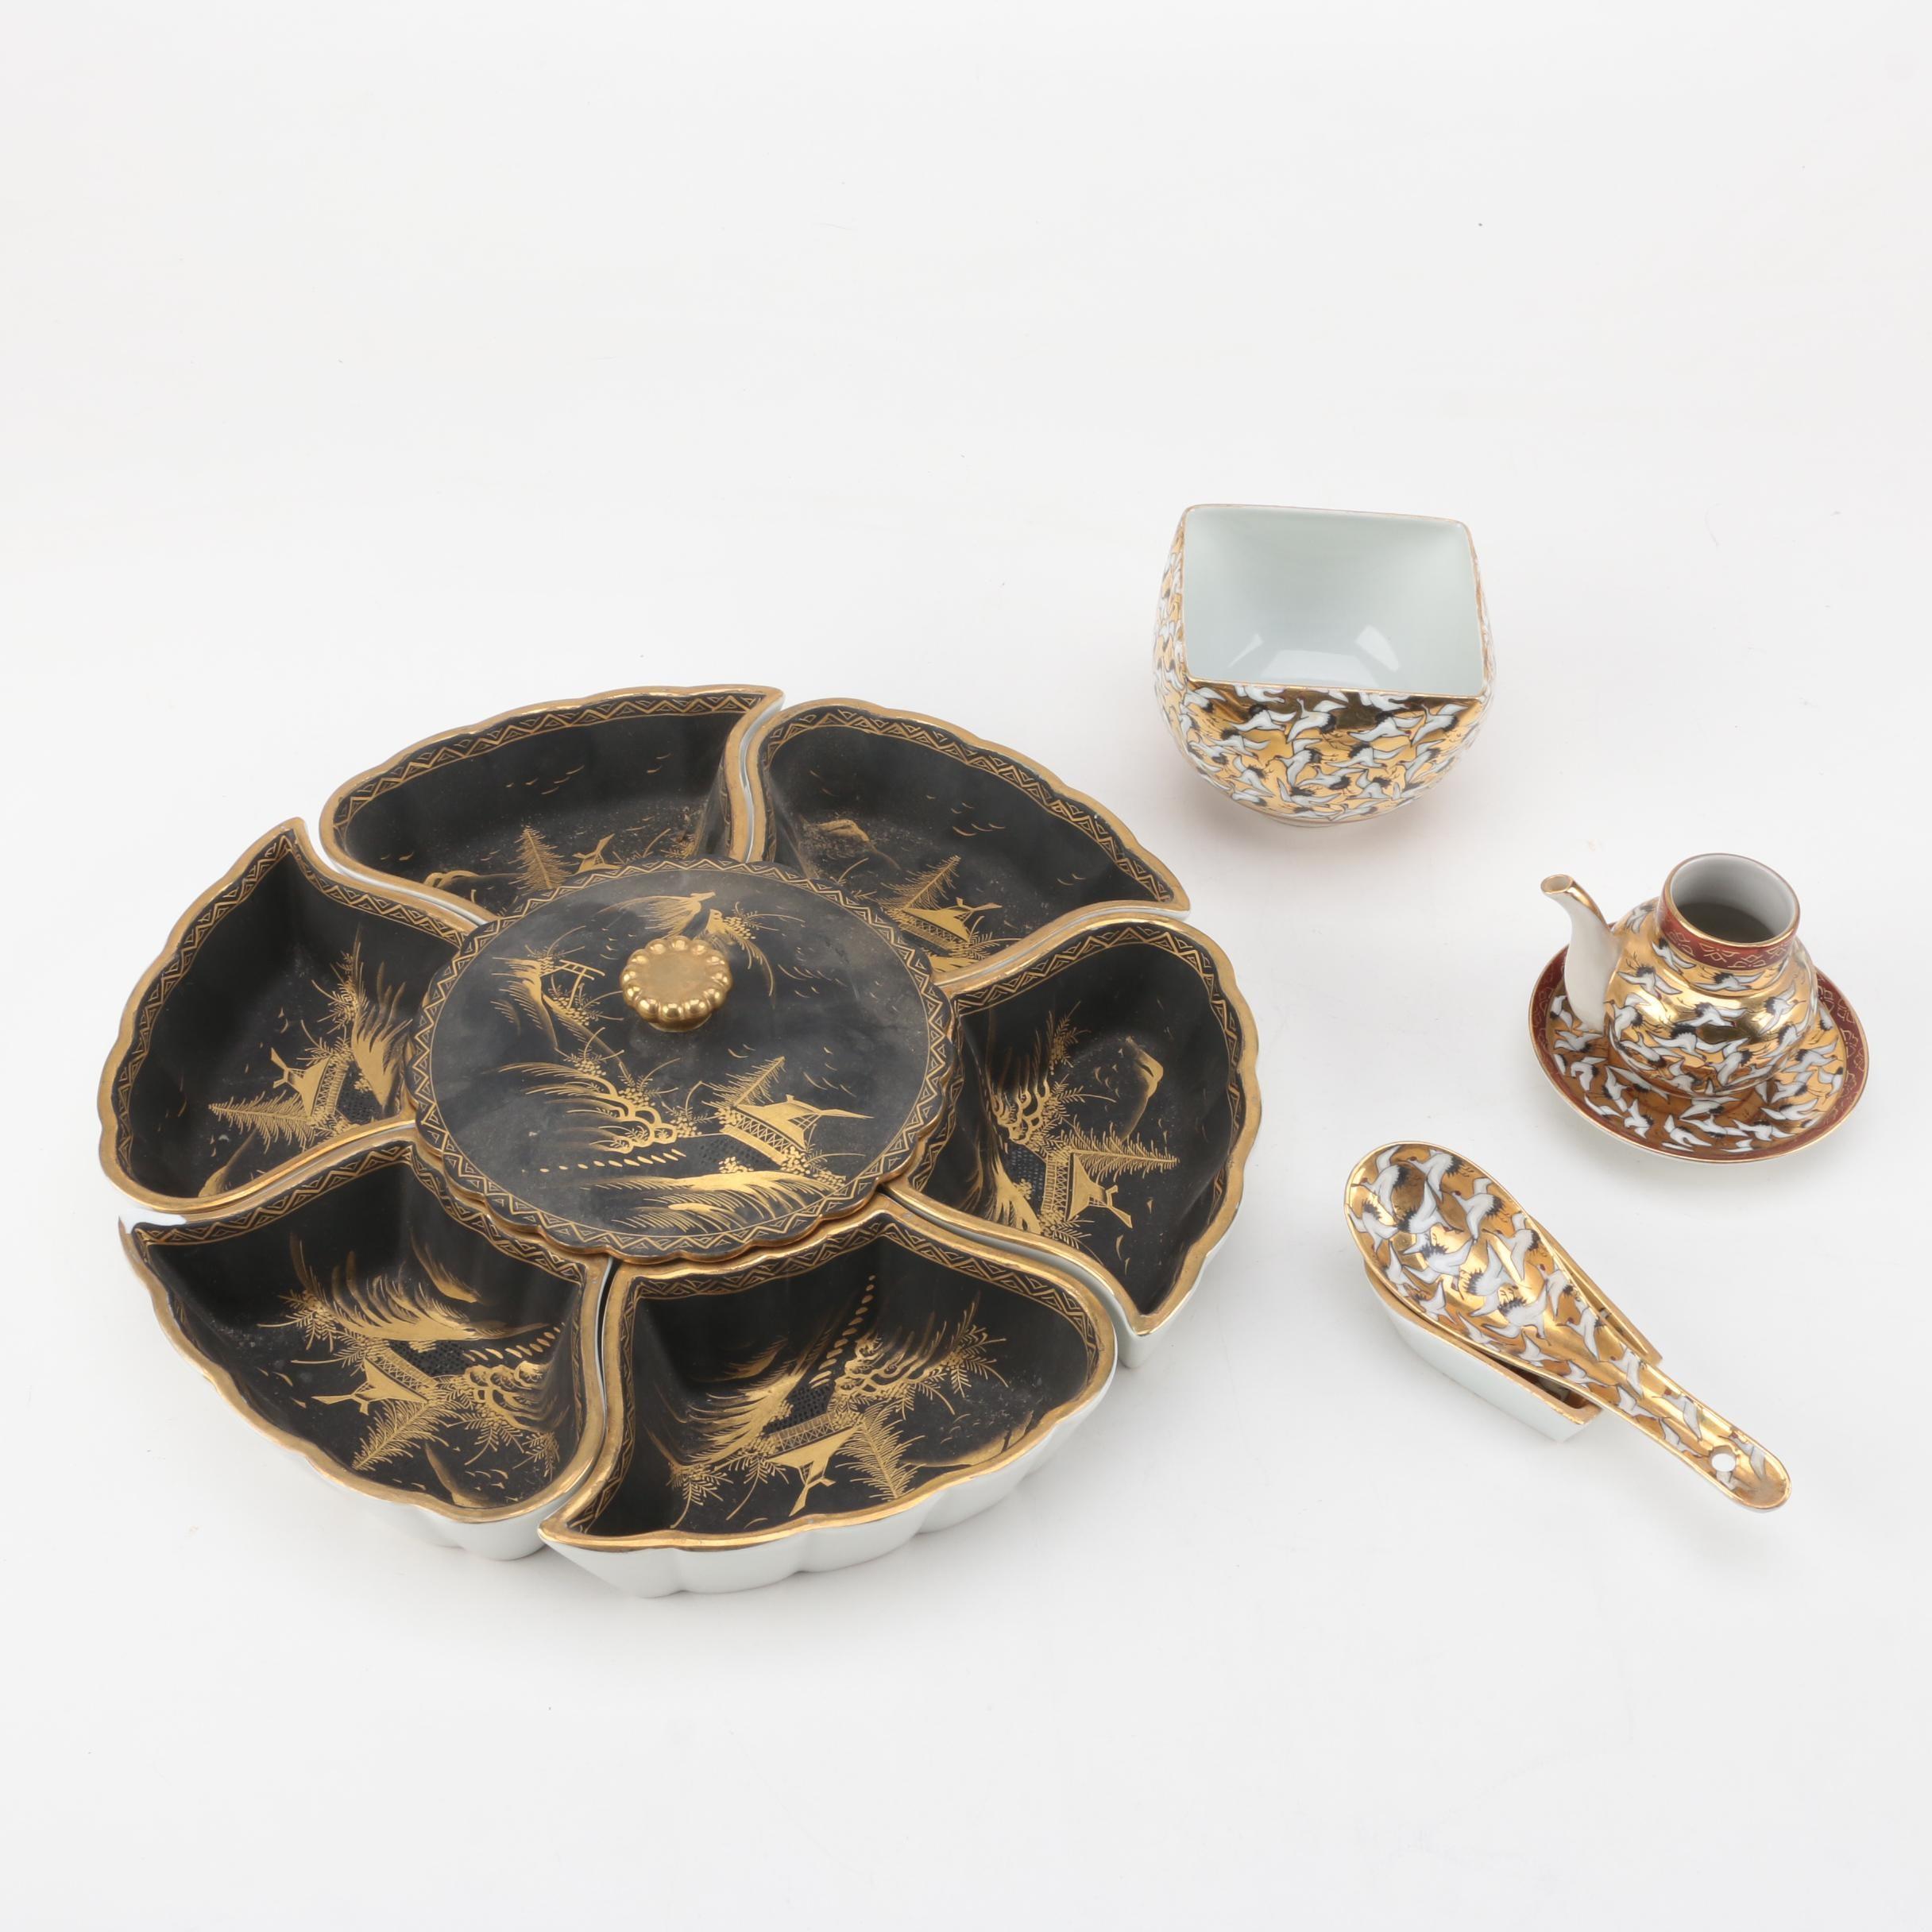 Vintage Japanese Porcelain Serveware